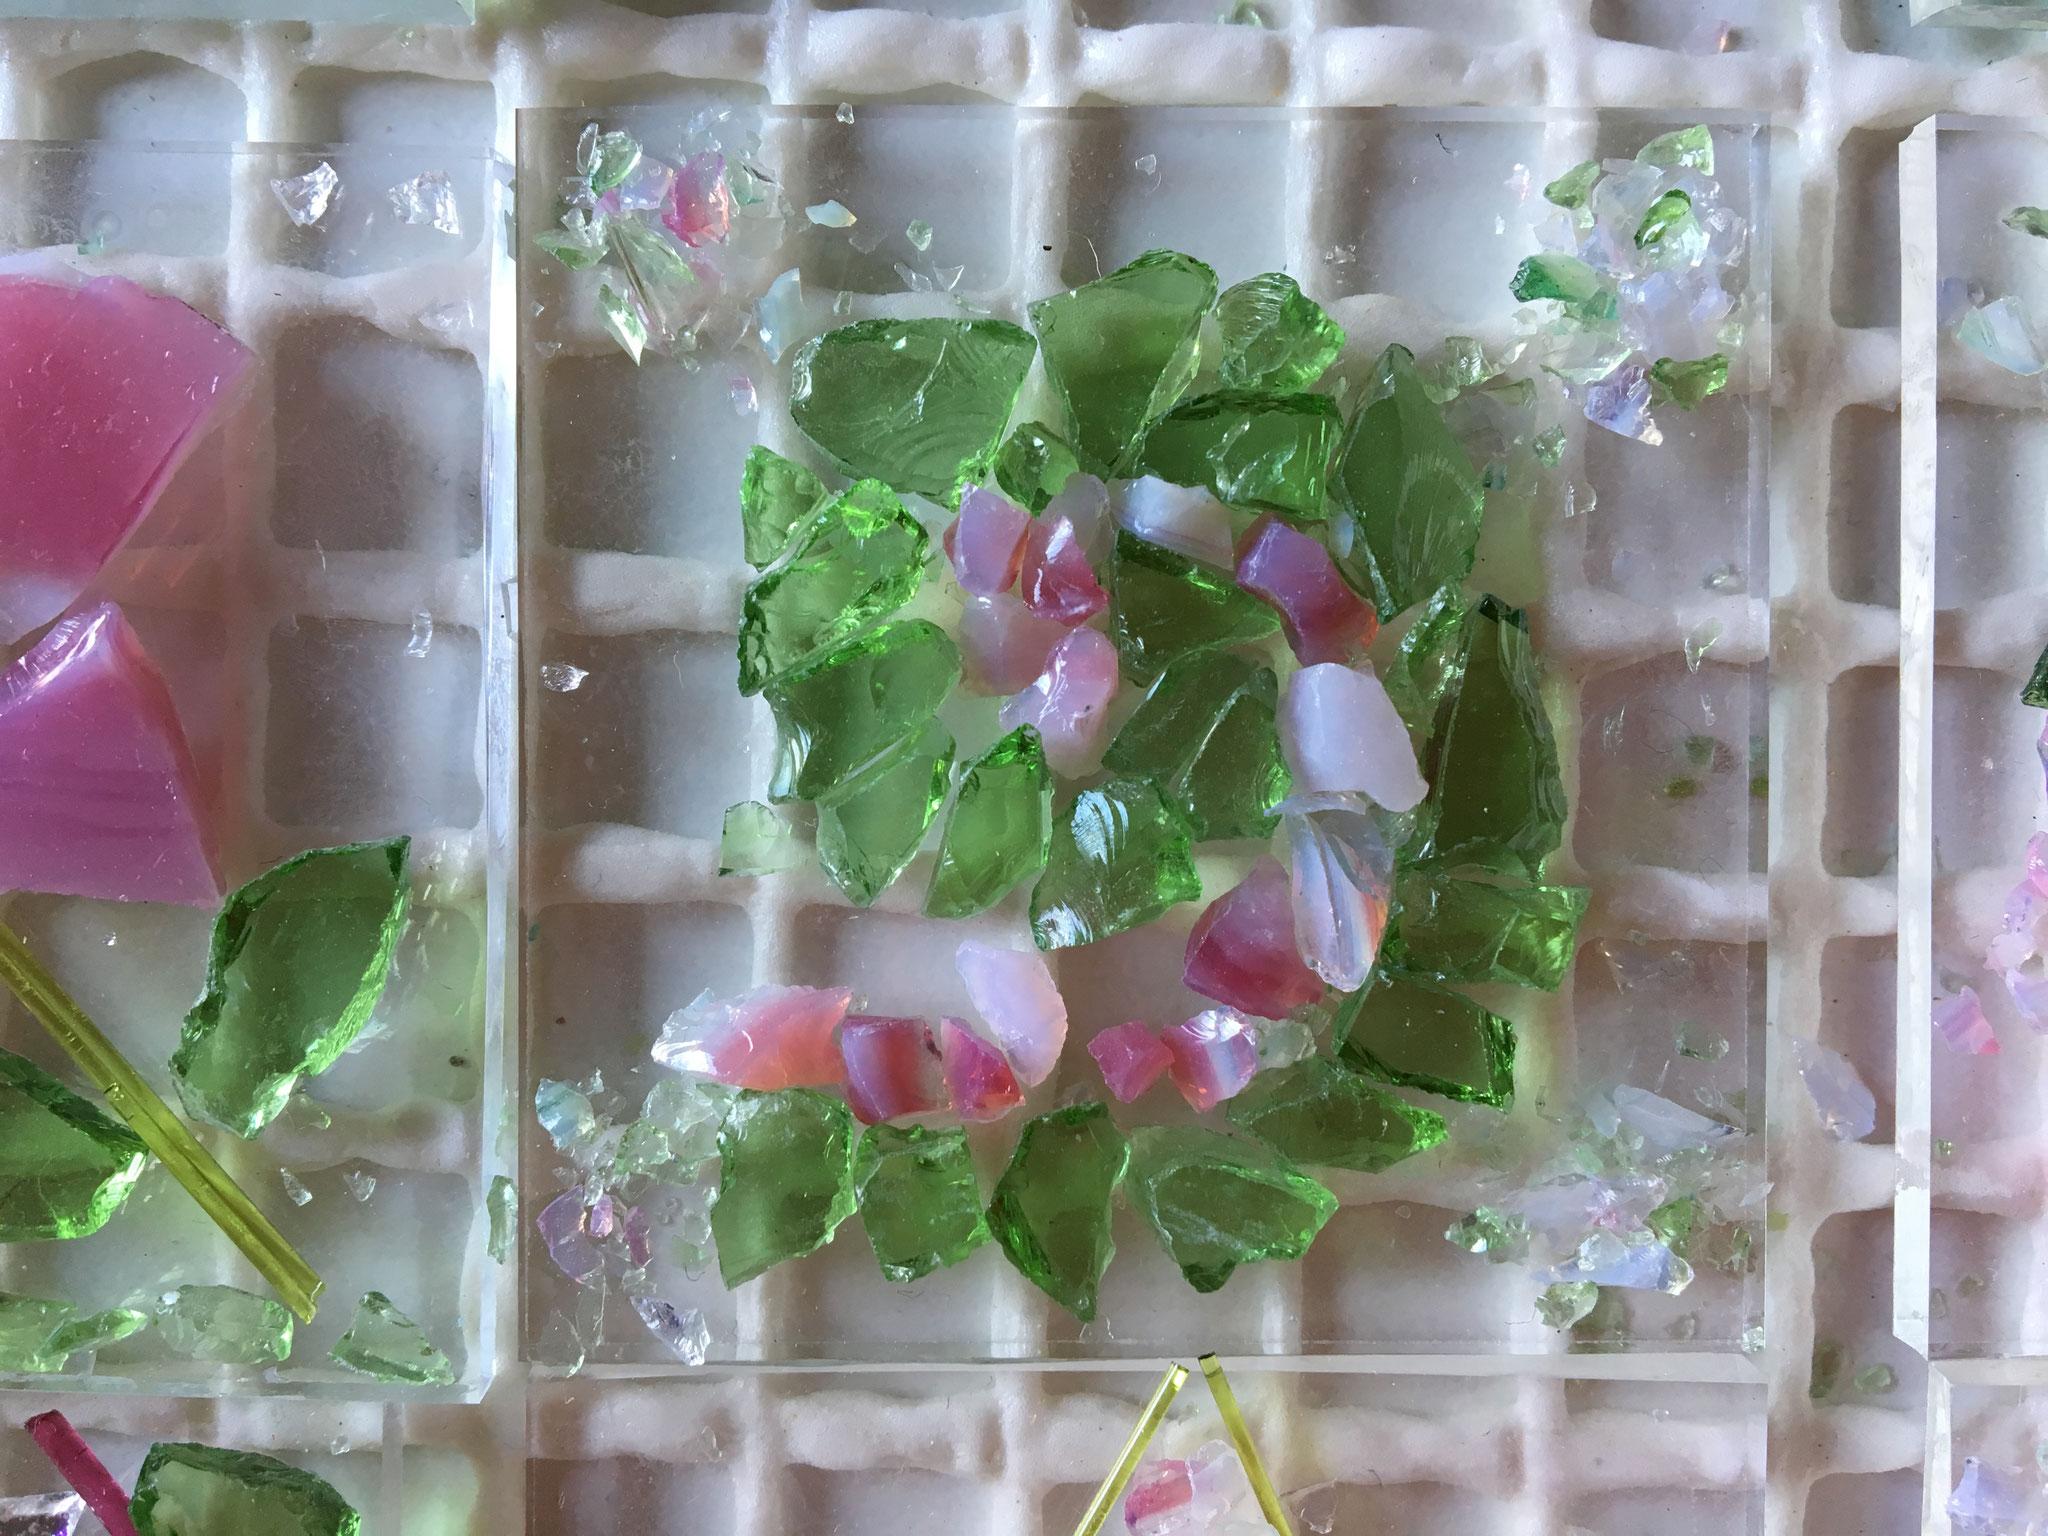 .... Spiralen, kunstvoll aus einzelnen Glasstückchen gelegt...